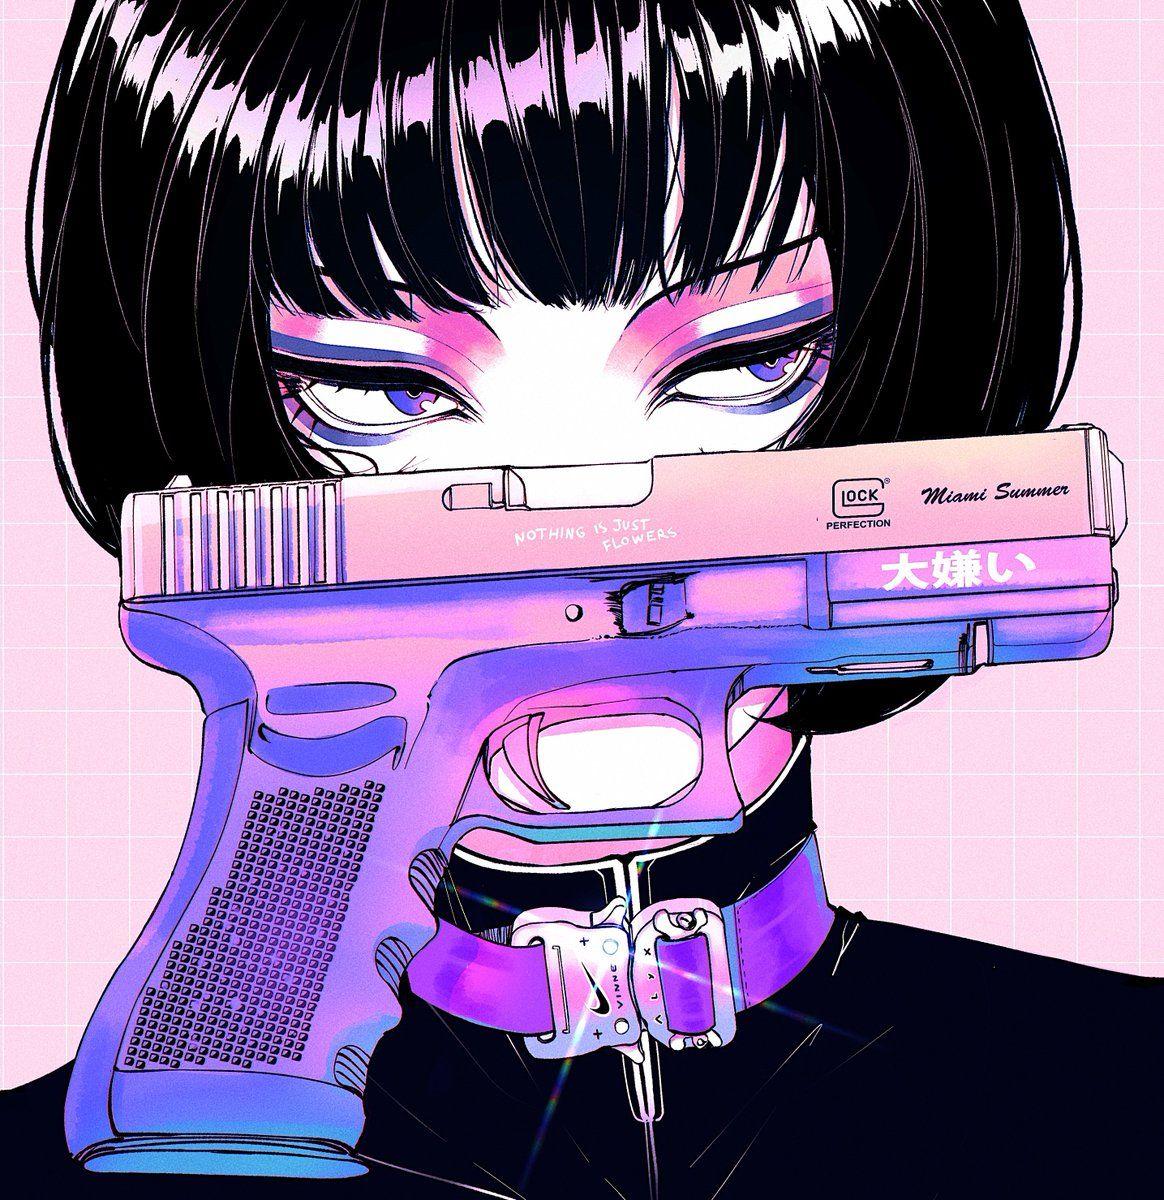 Vinne On Twitter In 2020 Aesthetic Anime Cyberpunk Art Anime Art